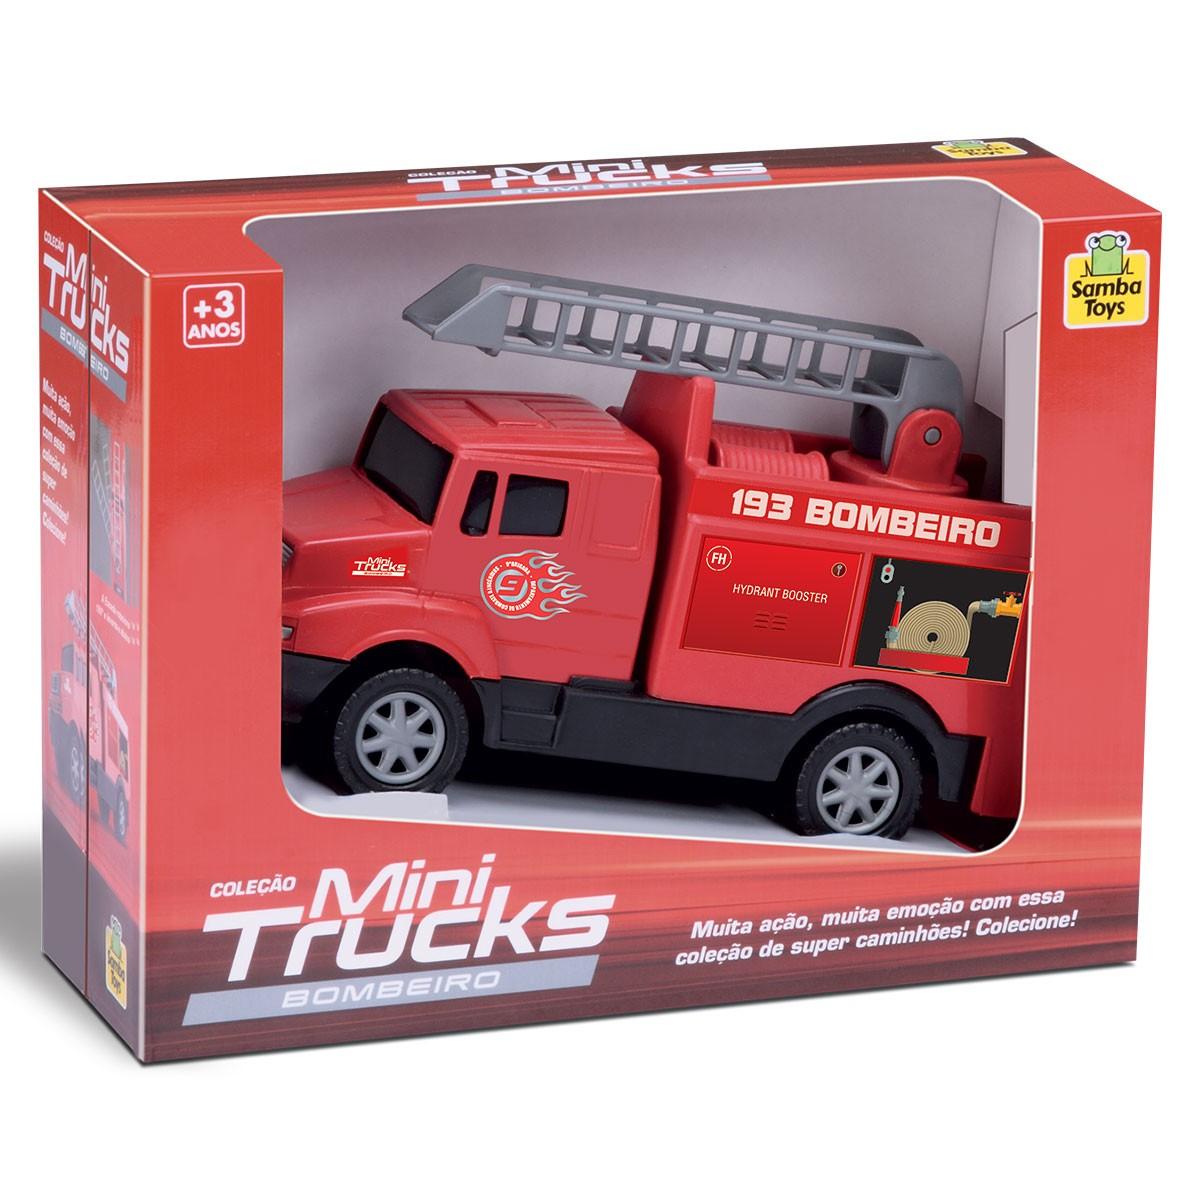 Mini Truck Caminhão de Bombeiro Carrinho Samba Toys Brinquedo Infantil